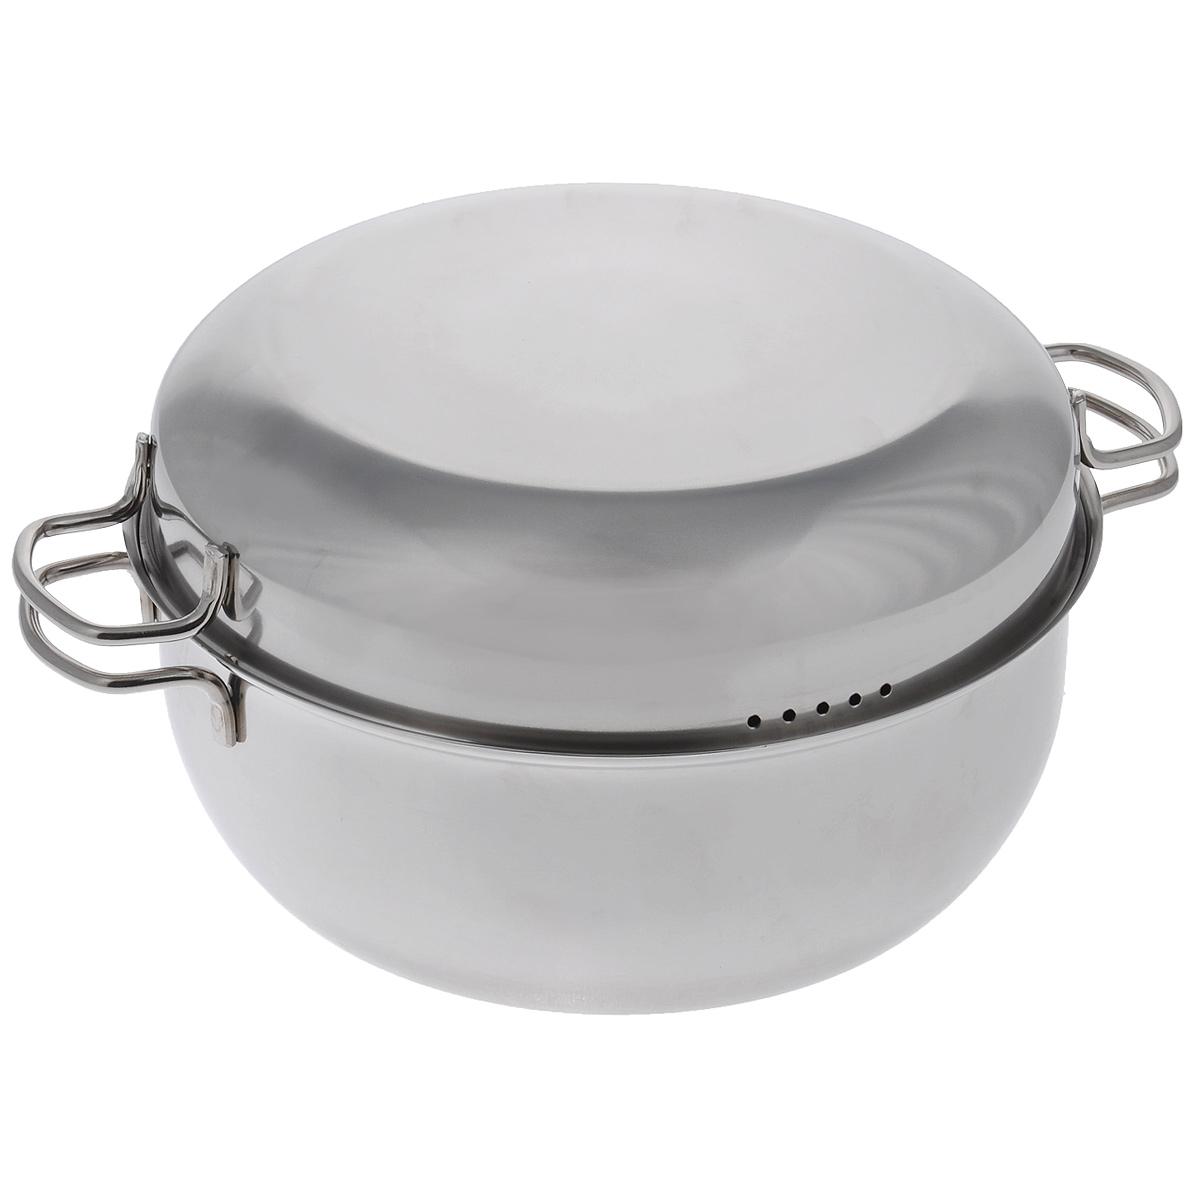 Мантоварка АМЕТ с крышкой, 2 яруса, 4,5 л1с915Мантоварка АМЕТ предназначена для приготовления диетических блюд на пару, в частности - мантов. Изделие гигиенично и безопасно для здоровья. Нержавеющая сталь обладает малой теплопроводностью, поэтому посуда из нее остывает гораздо медленнее, чем любой другой вид посуды, а значит, приготовленное в ней более длительное время остается горячим. Мантоварка имеет две решетки с ручками из нержавеющей стали, на ножках и крышку. Крышка плотно прилегает к краю мантоварки, сохраняя аромат блюд. Крышка оснащена двумя удобными ручками и отверстиями для выпуска пара. Подходит для газовых и электрических плит. Можно мыть в посудомоечной машине. Высота стенки: 11,5 см. Толщина стенки: 0,2 см. Толщина дна: 0,3 см. Ширина мантоварки (с учетом ручек): 35 см. Диаметр решетки: 25 см. Высота решетки (с учетом ножек и ручки): 9,5 см.Высота мантоварки (с учетом крышки): 16 см.